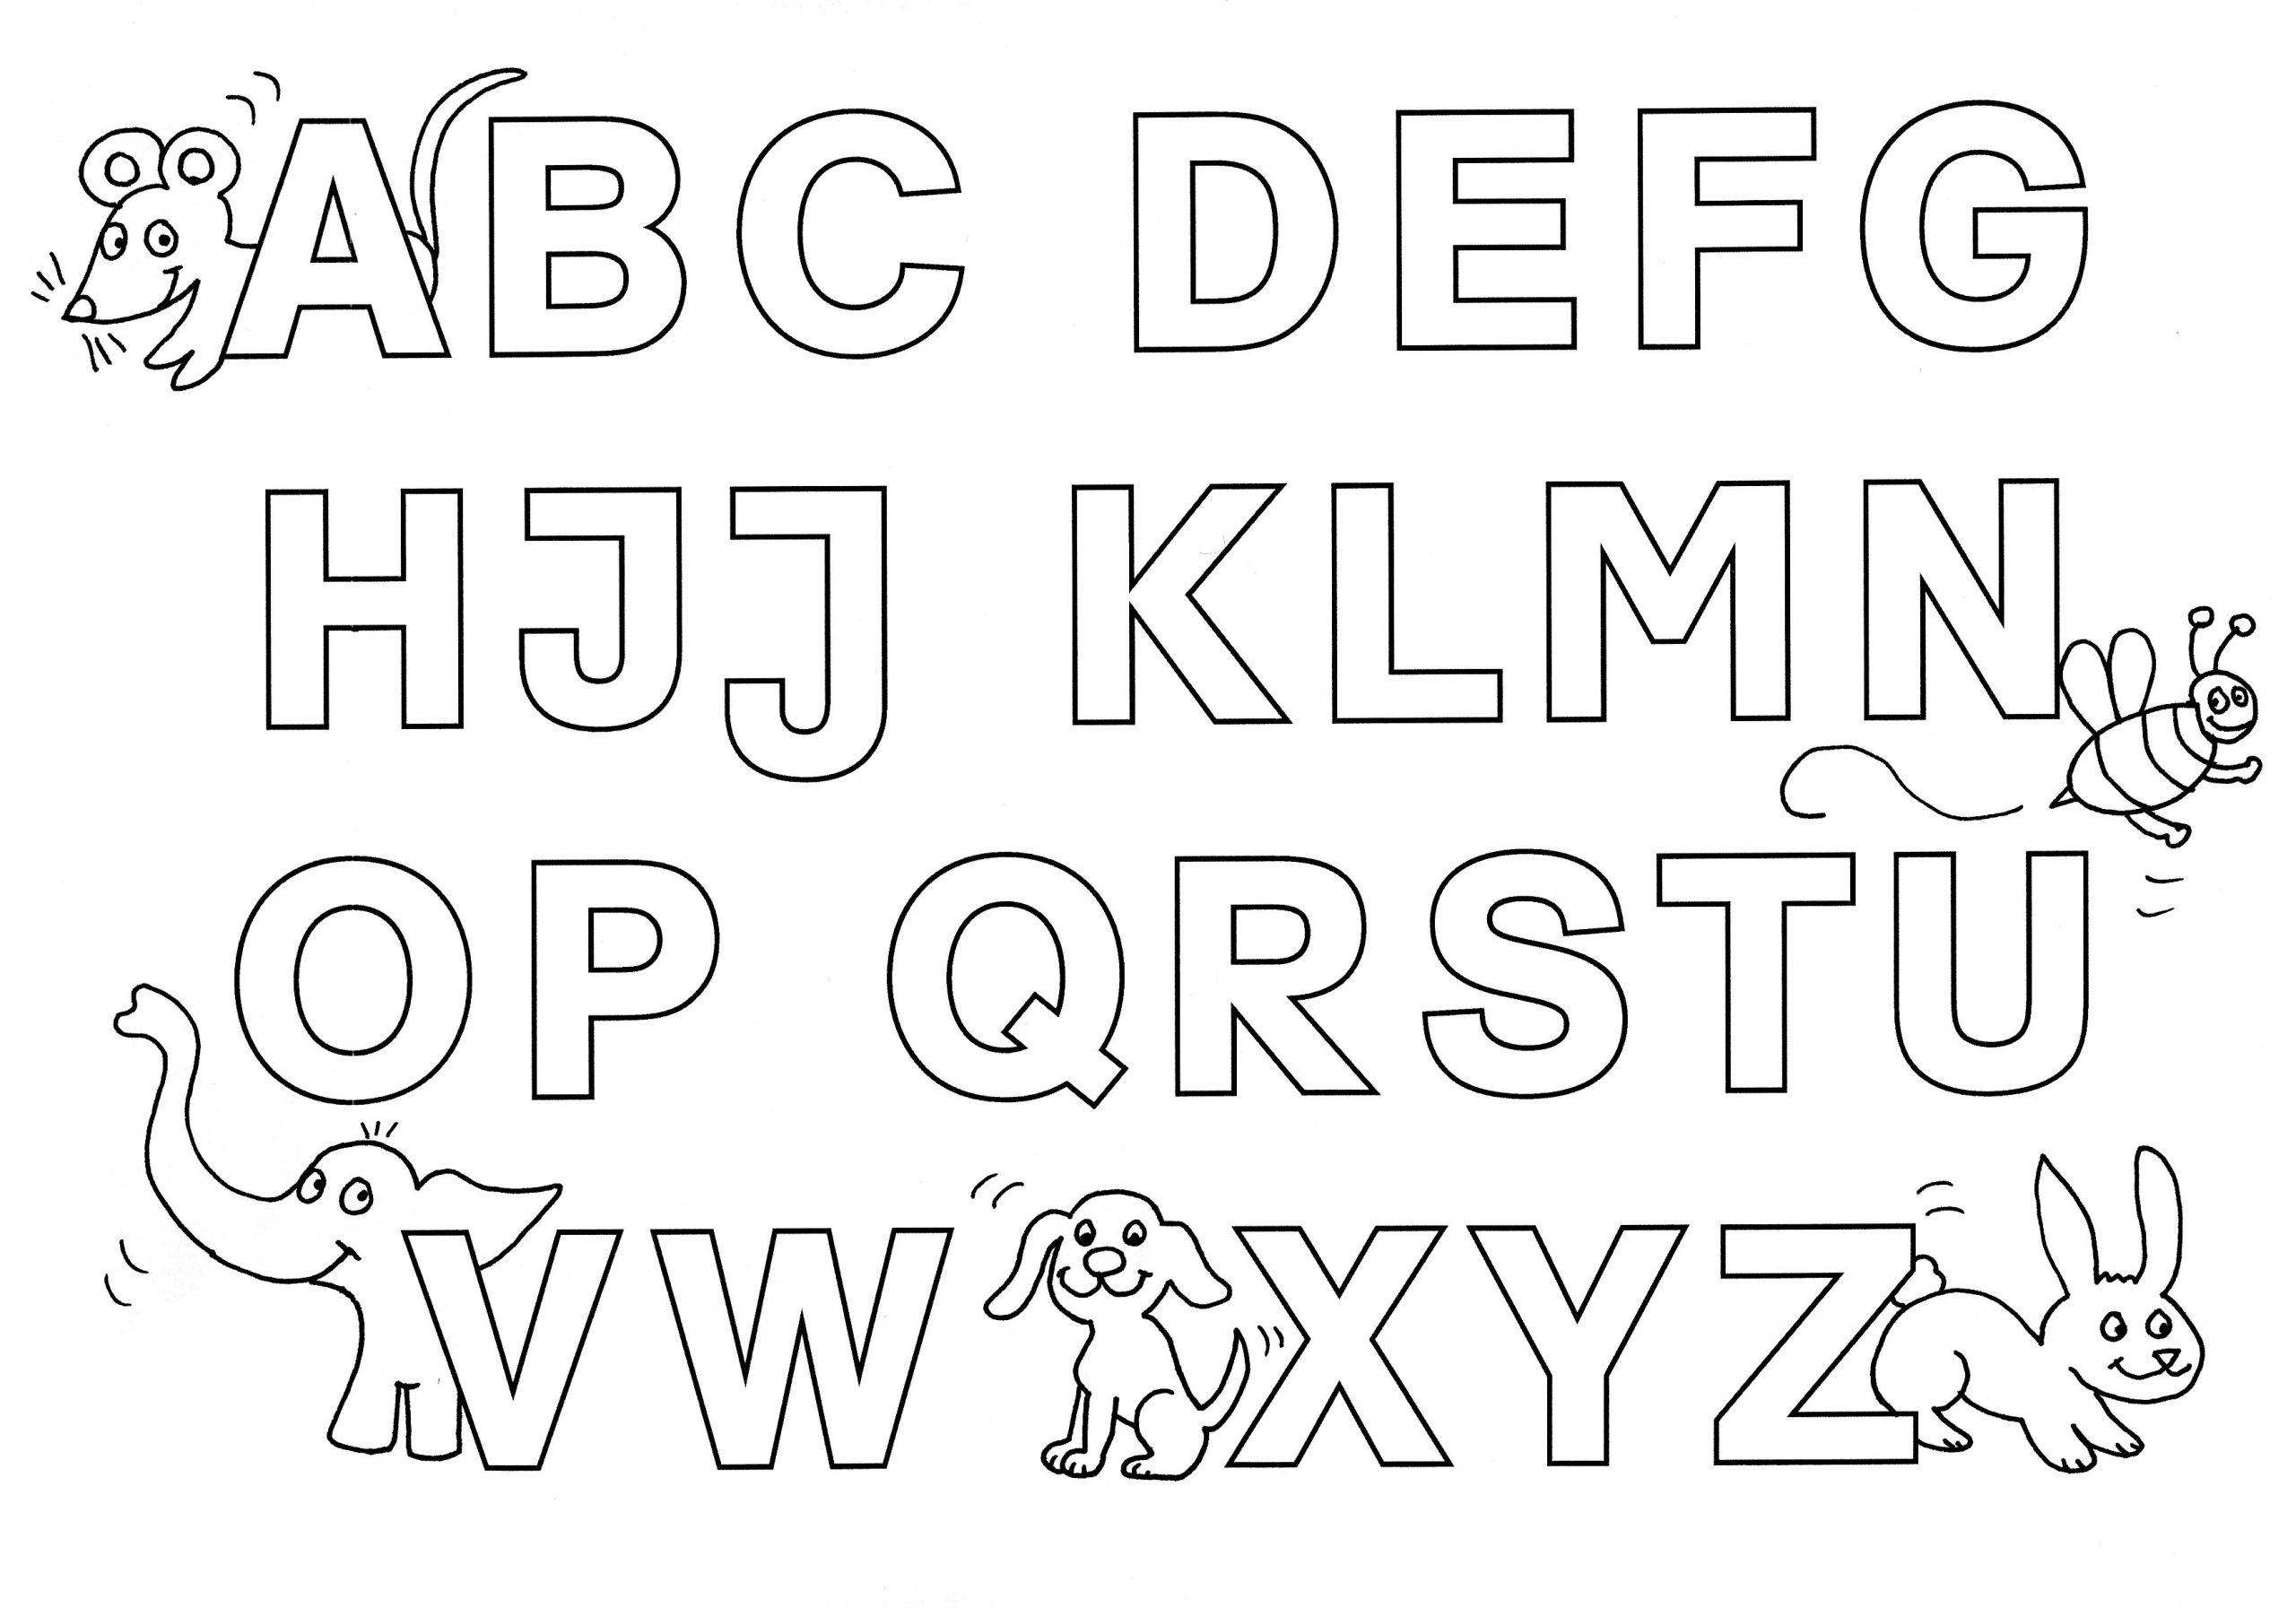 Alphabet Buchstaben Ausdrucke - Malvorlagen Für Kinder bestimmt für Malvorlagen Abc Ausdrucken